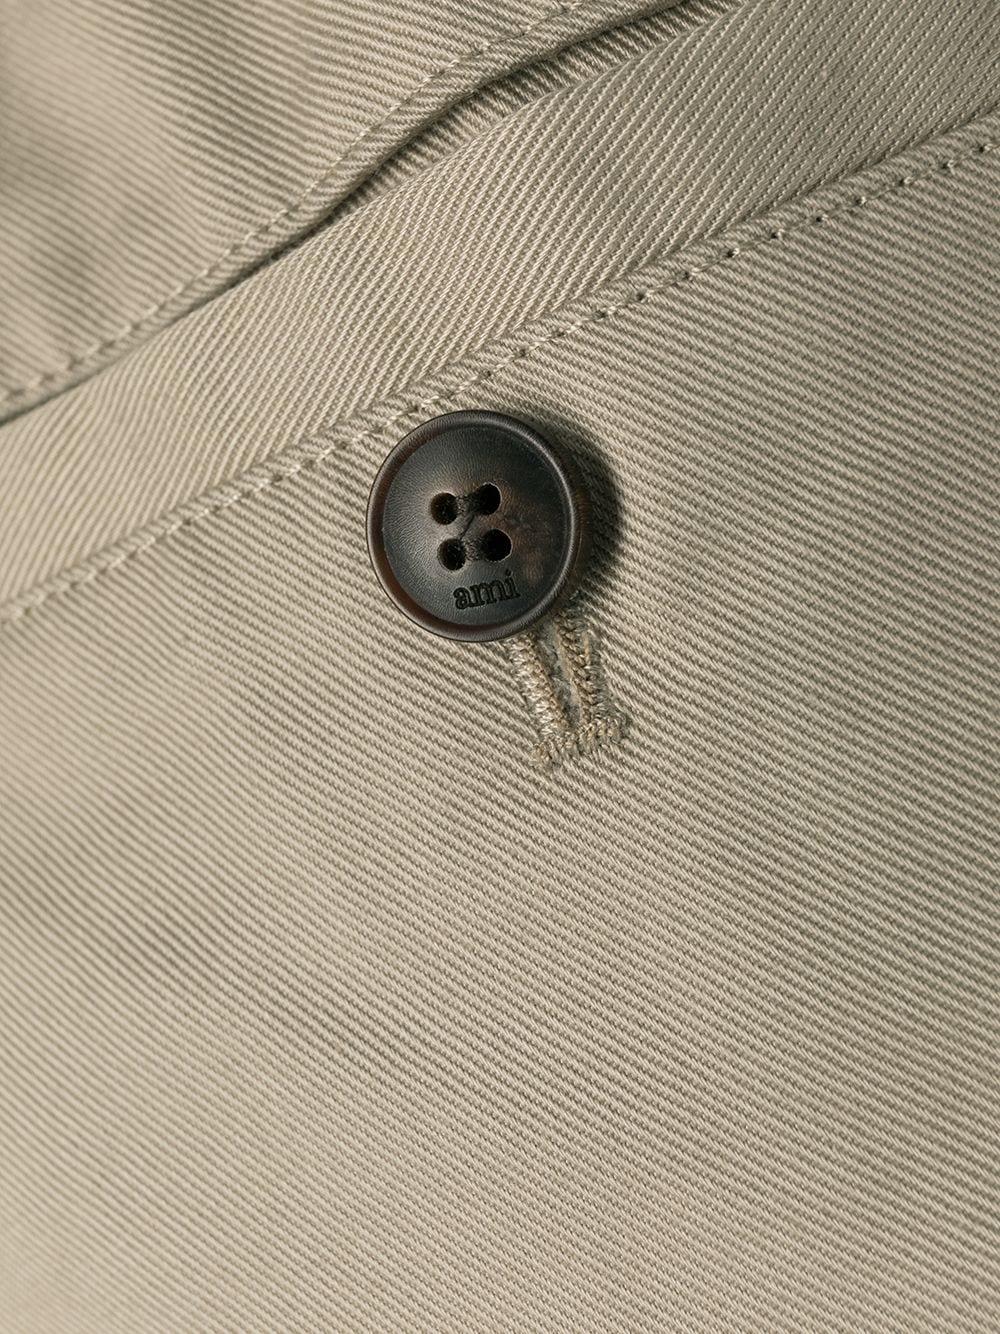 ELASTICATED PANT AMI - ALEXANDRE MATTIUSSI   Trousers   E21HT206.288250